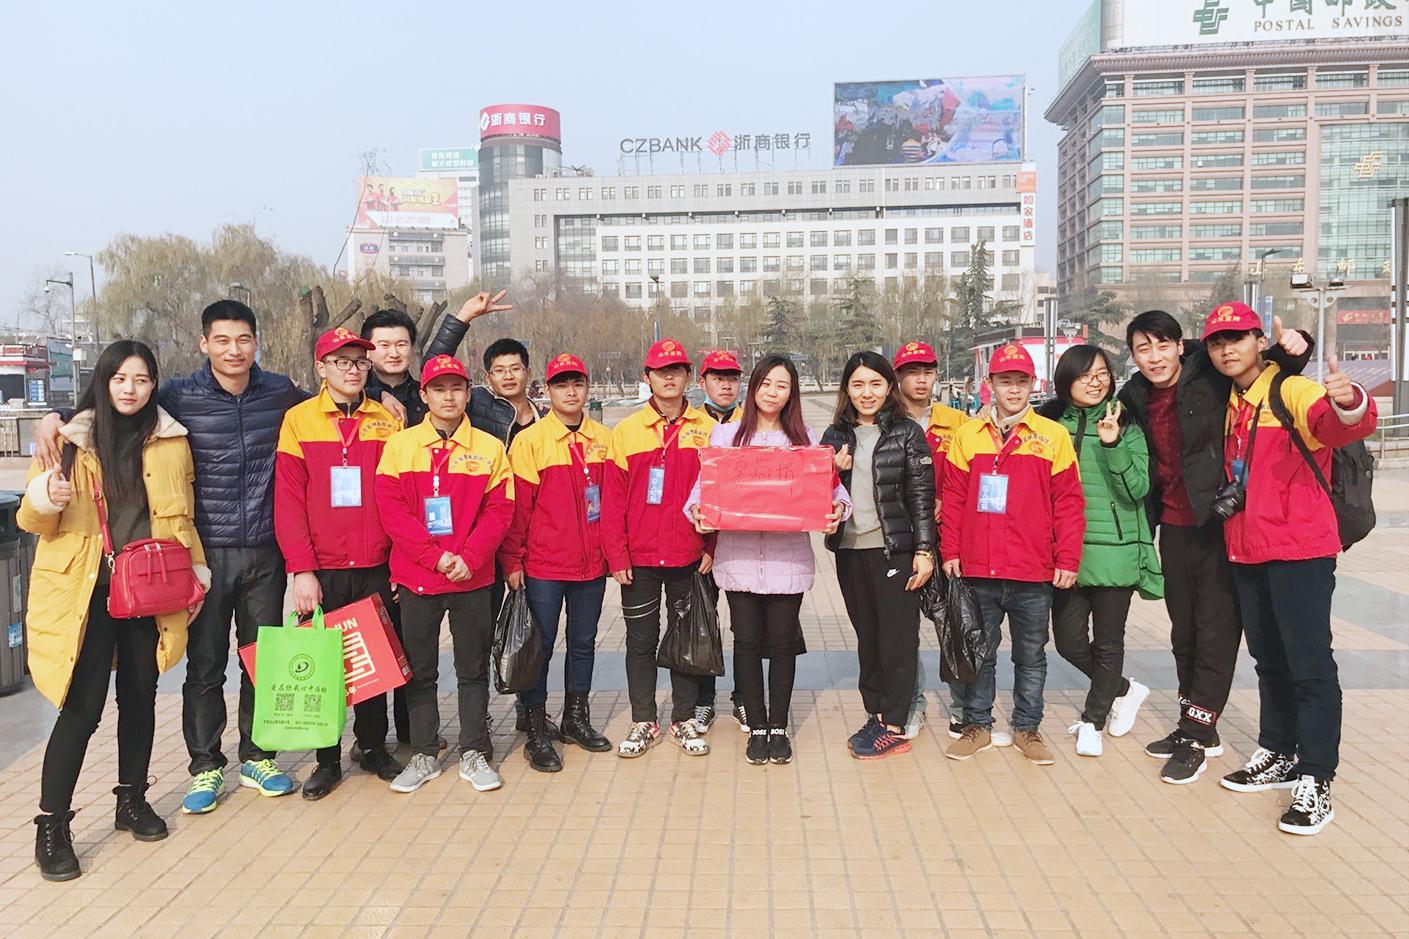 蓝翔志愿者在济南泉城广场做公益活动